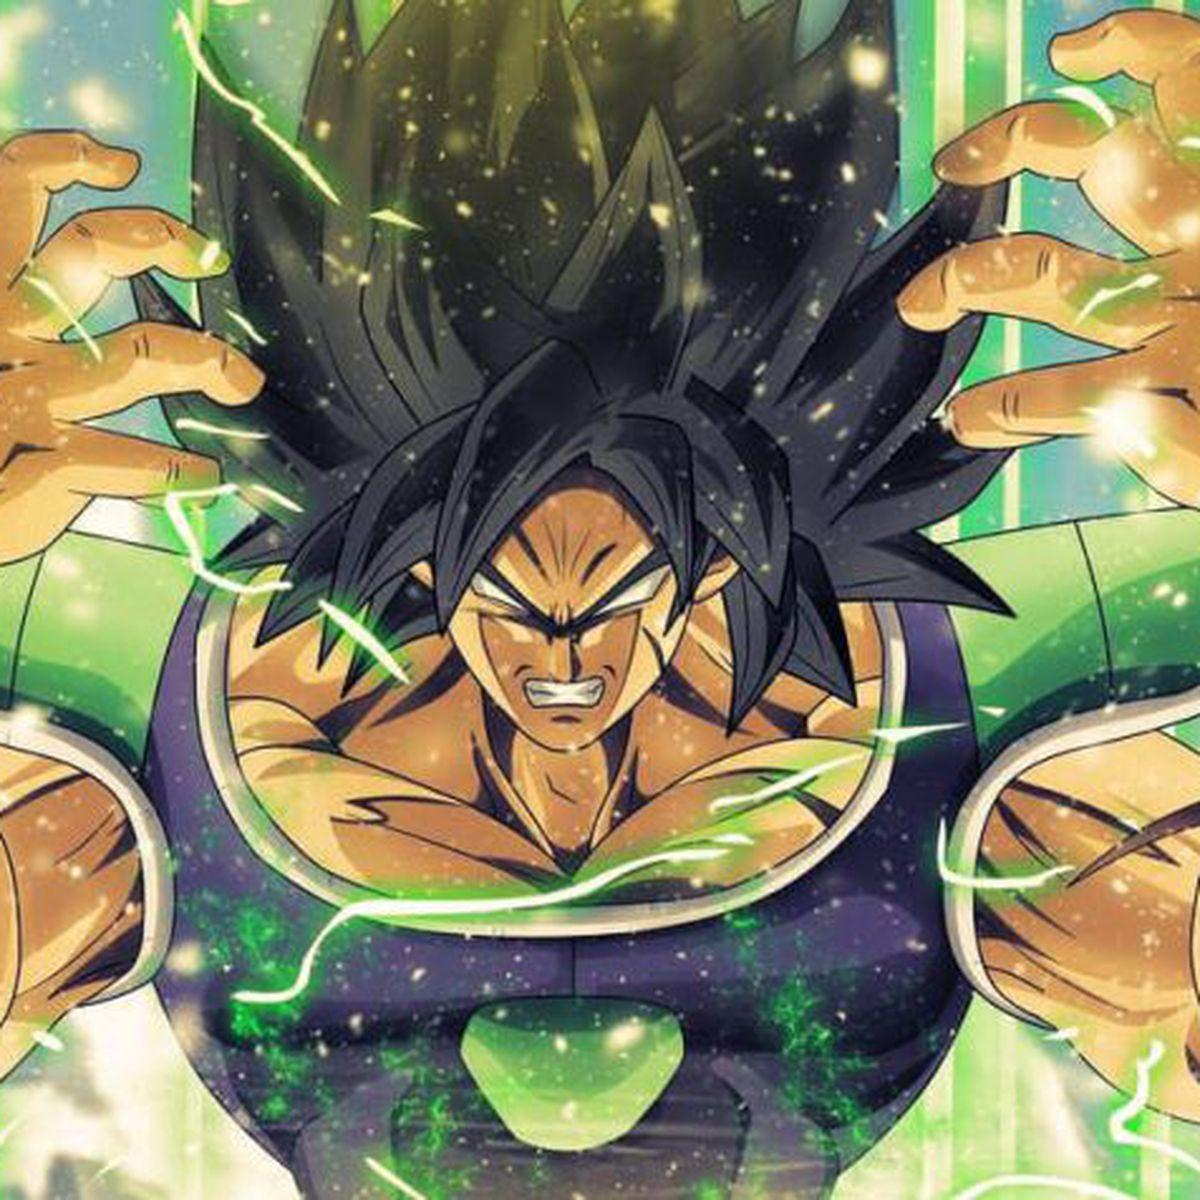 Dragon Ball Super Broly La Escena Que Estaria Basada En La